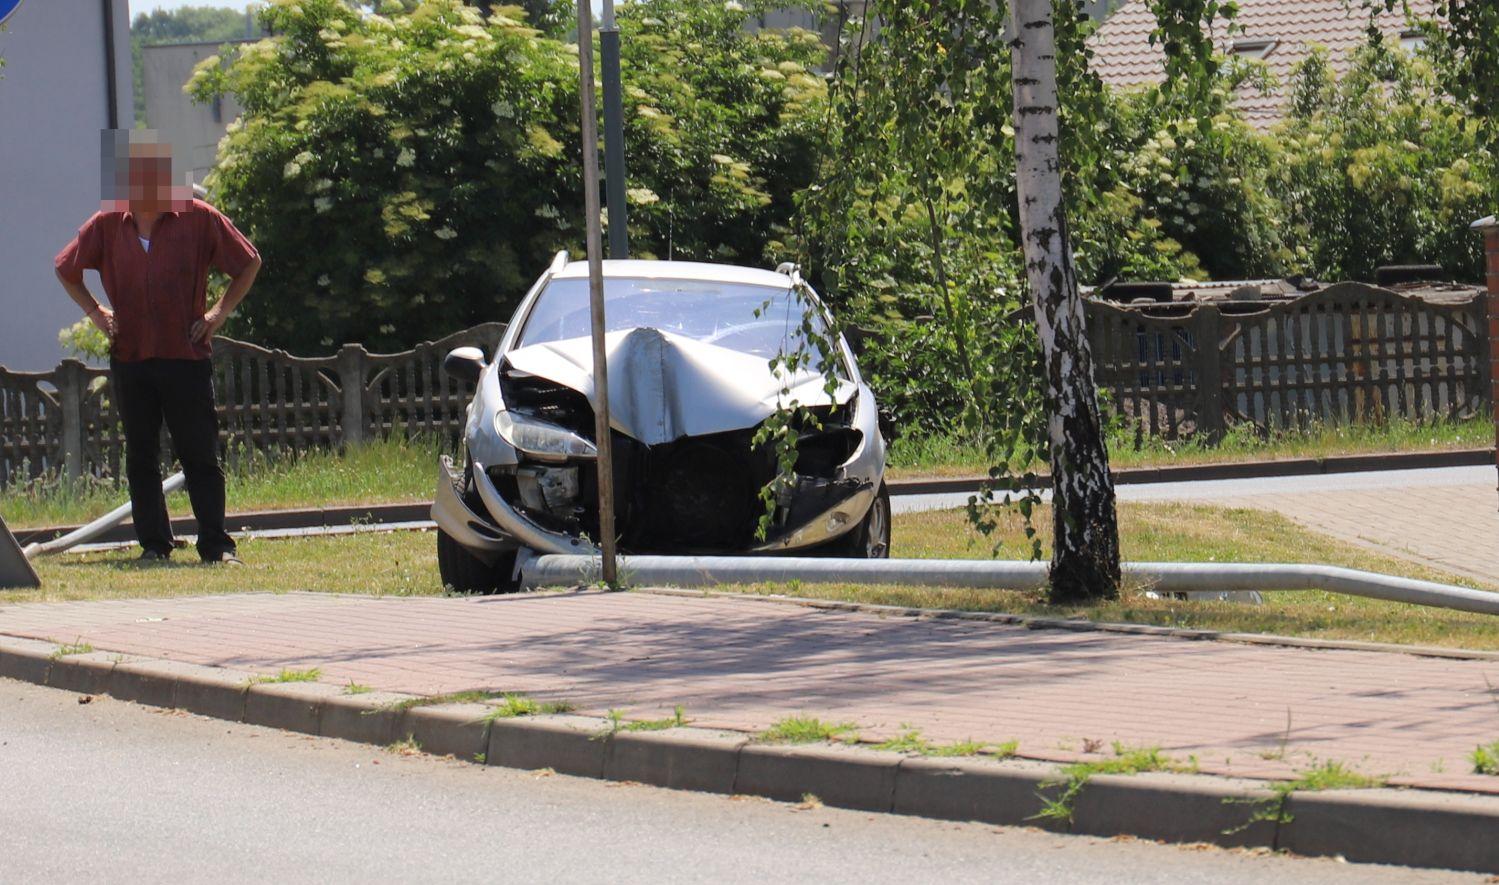 Zniszczony samochód i ścięta latarnia. Kolejne zdarzenie na kutnowskich ulicach [ZDJĘCIA] - Zdjęcie główne